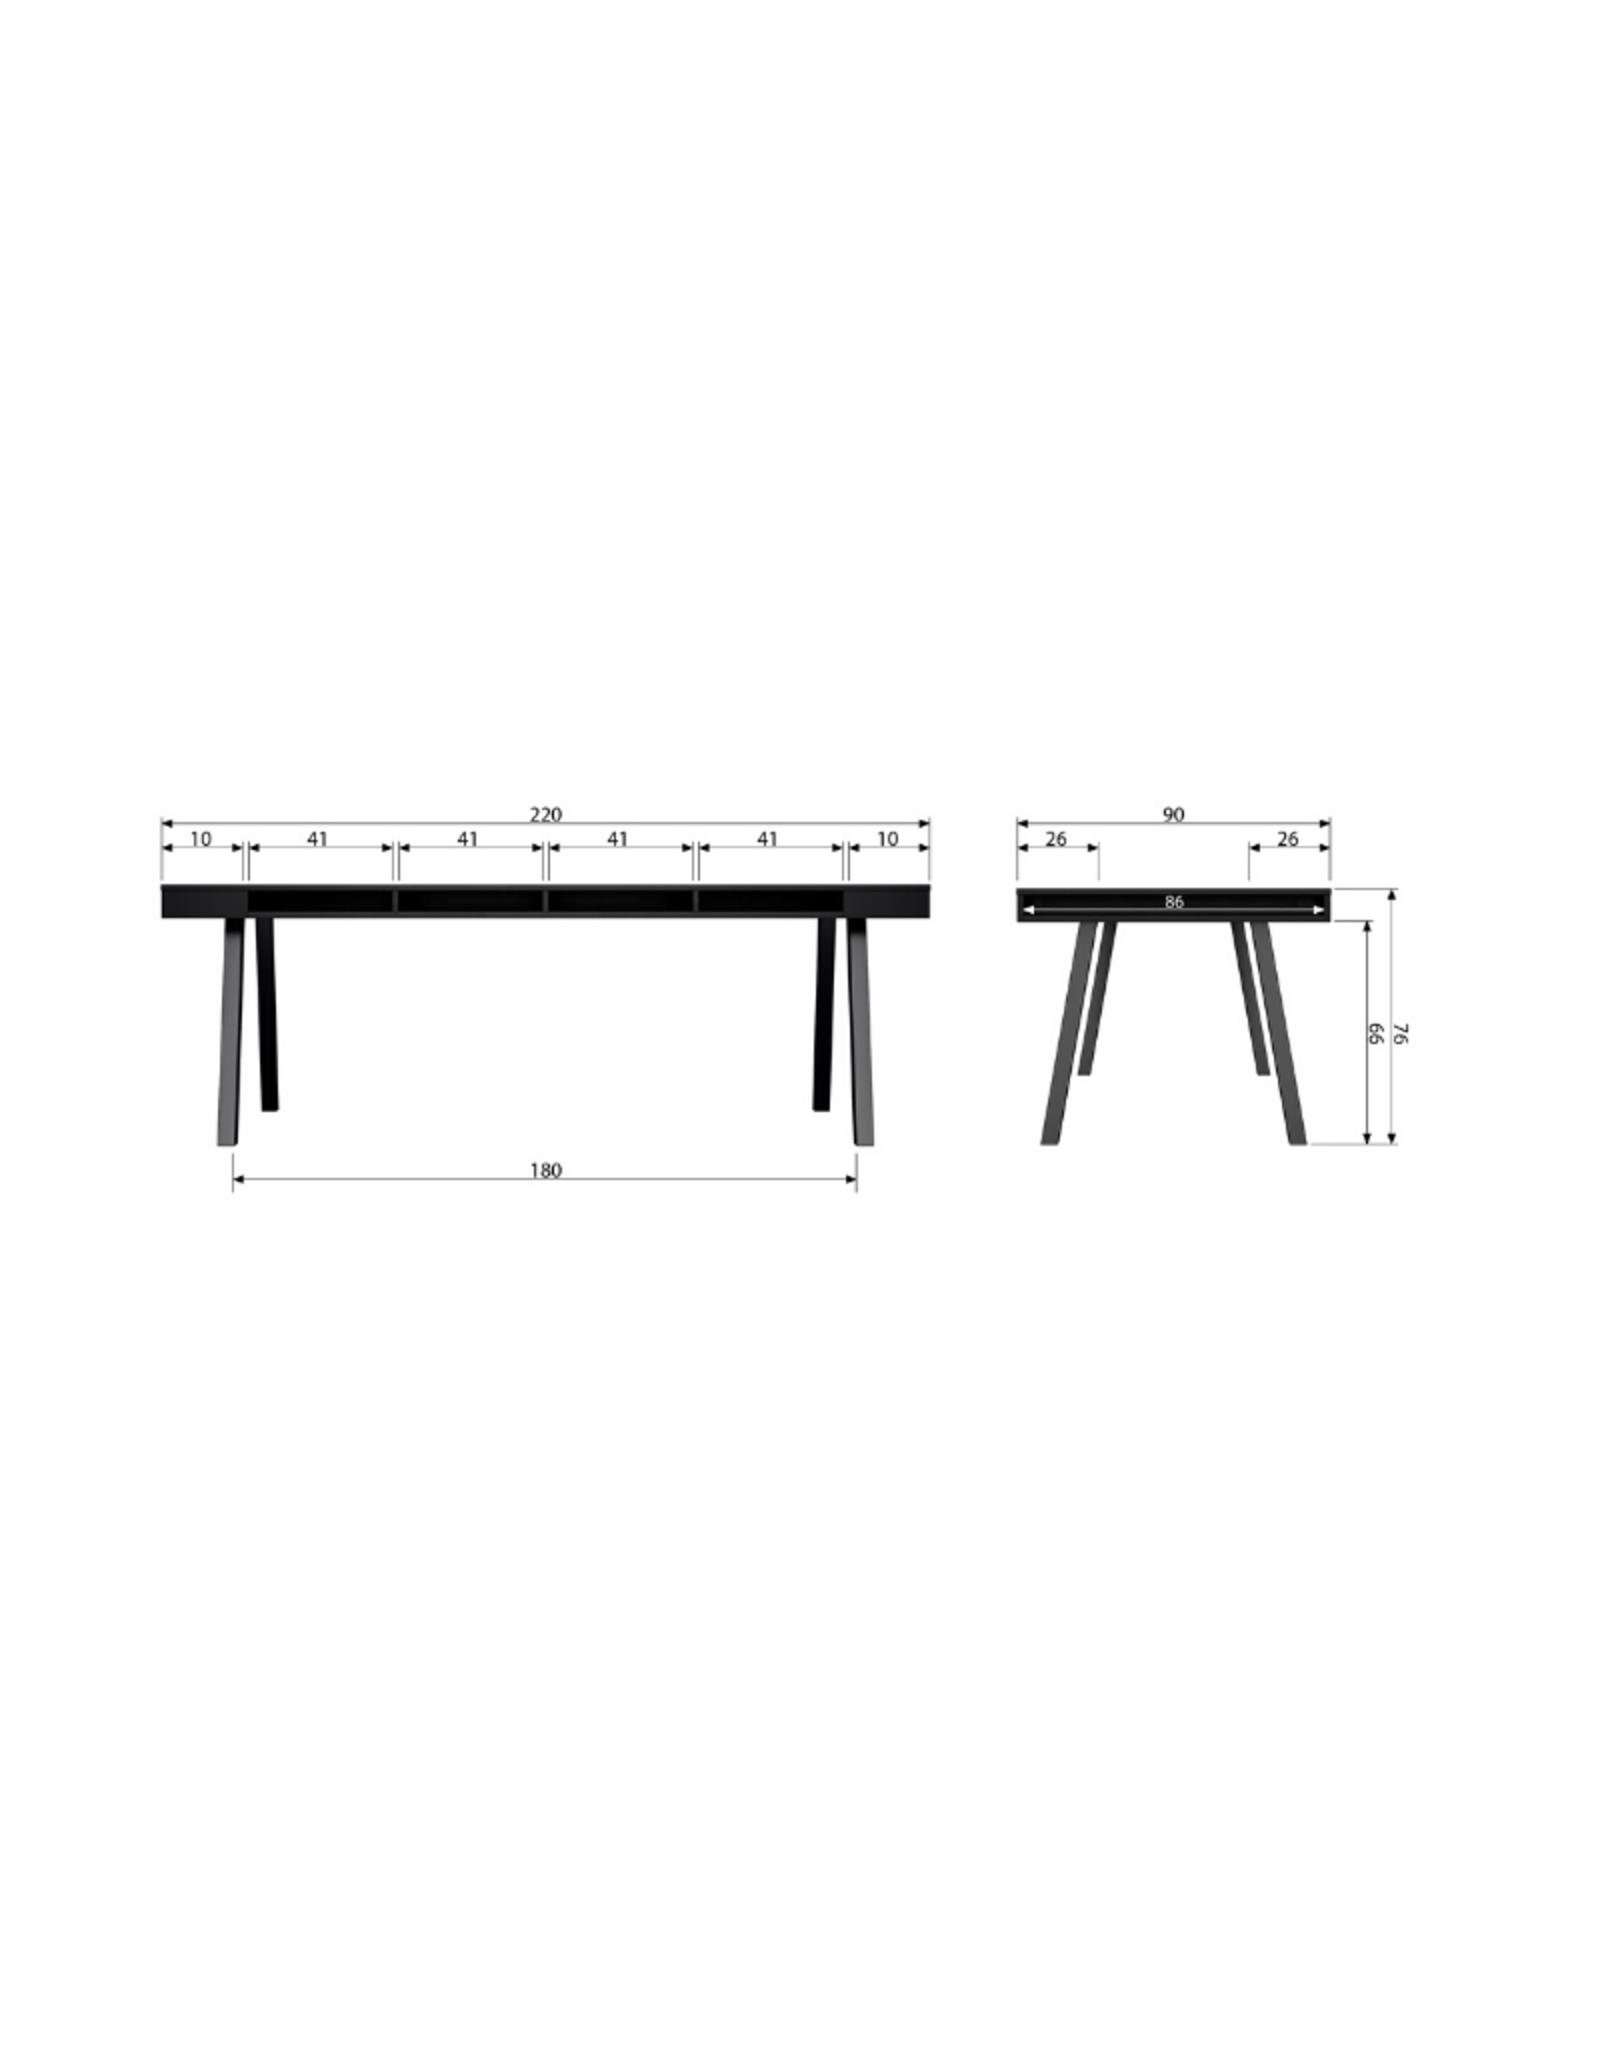 Eettafel L220 cm met opbergvakken -  Zwart Essenhout